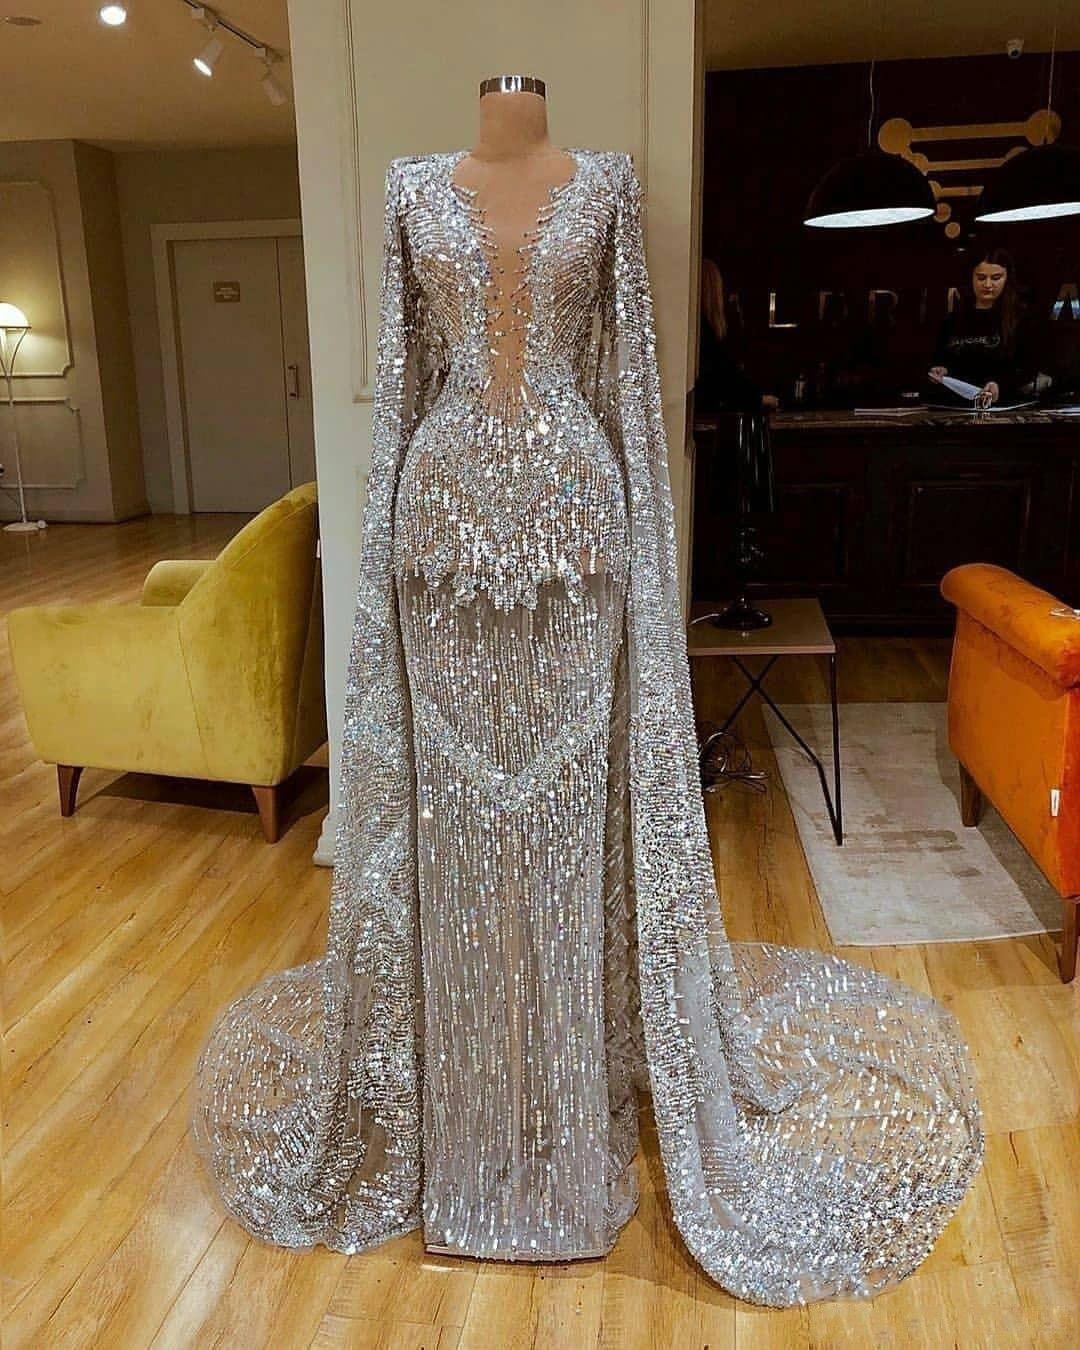 Sparkly полные спичечные длинные рукава вечерние платья русалки с шалью роскошный серебряный серебристый выпускной платье формальная вечеринка Pageant Pageant